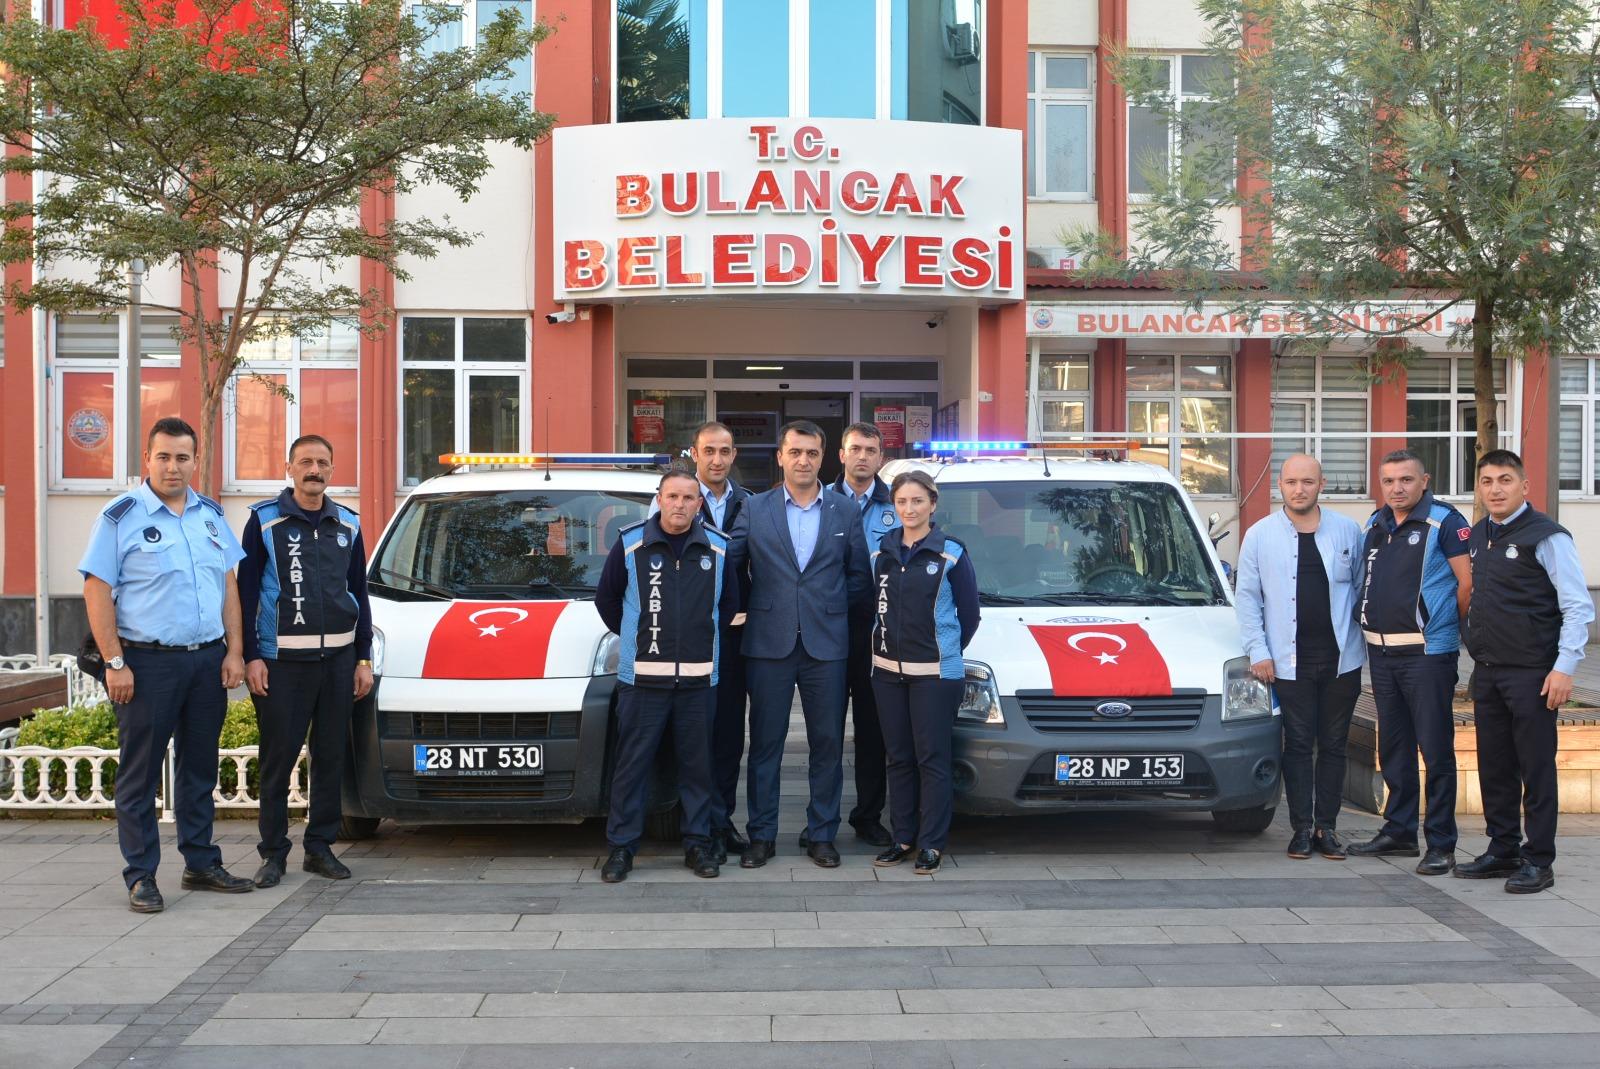 Bulancak Belediyesi'nden Barış Pınarı Harekâtına destek!